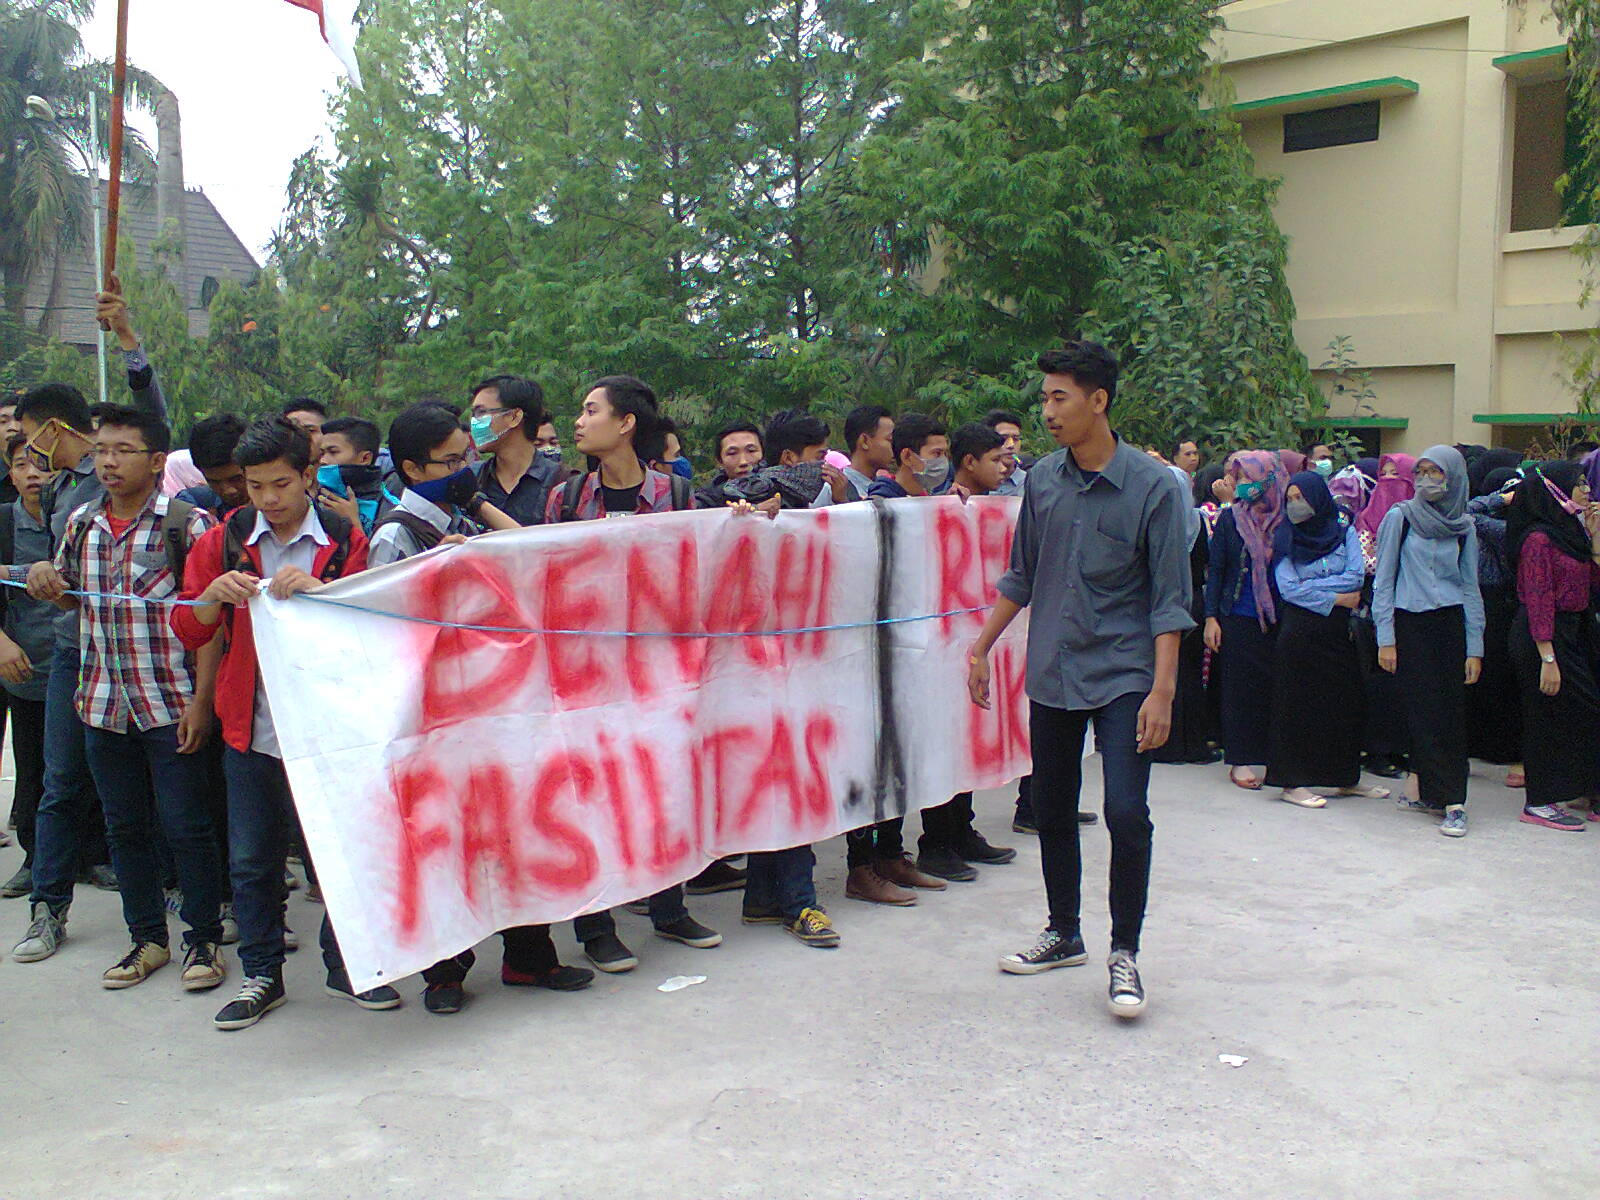 terlihat mahasiswa yang tergabung dalam Gerakan Mahasiswa Peduli (GMP) (27/10/2015) melakukan unjuk rasa menuntuk hak hak mahsiswa di depan Gedung Fakultas Ekonomi dan Bisnis. | Foto : Razi